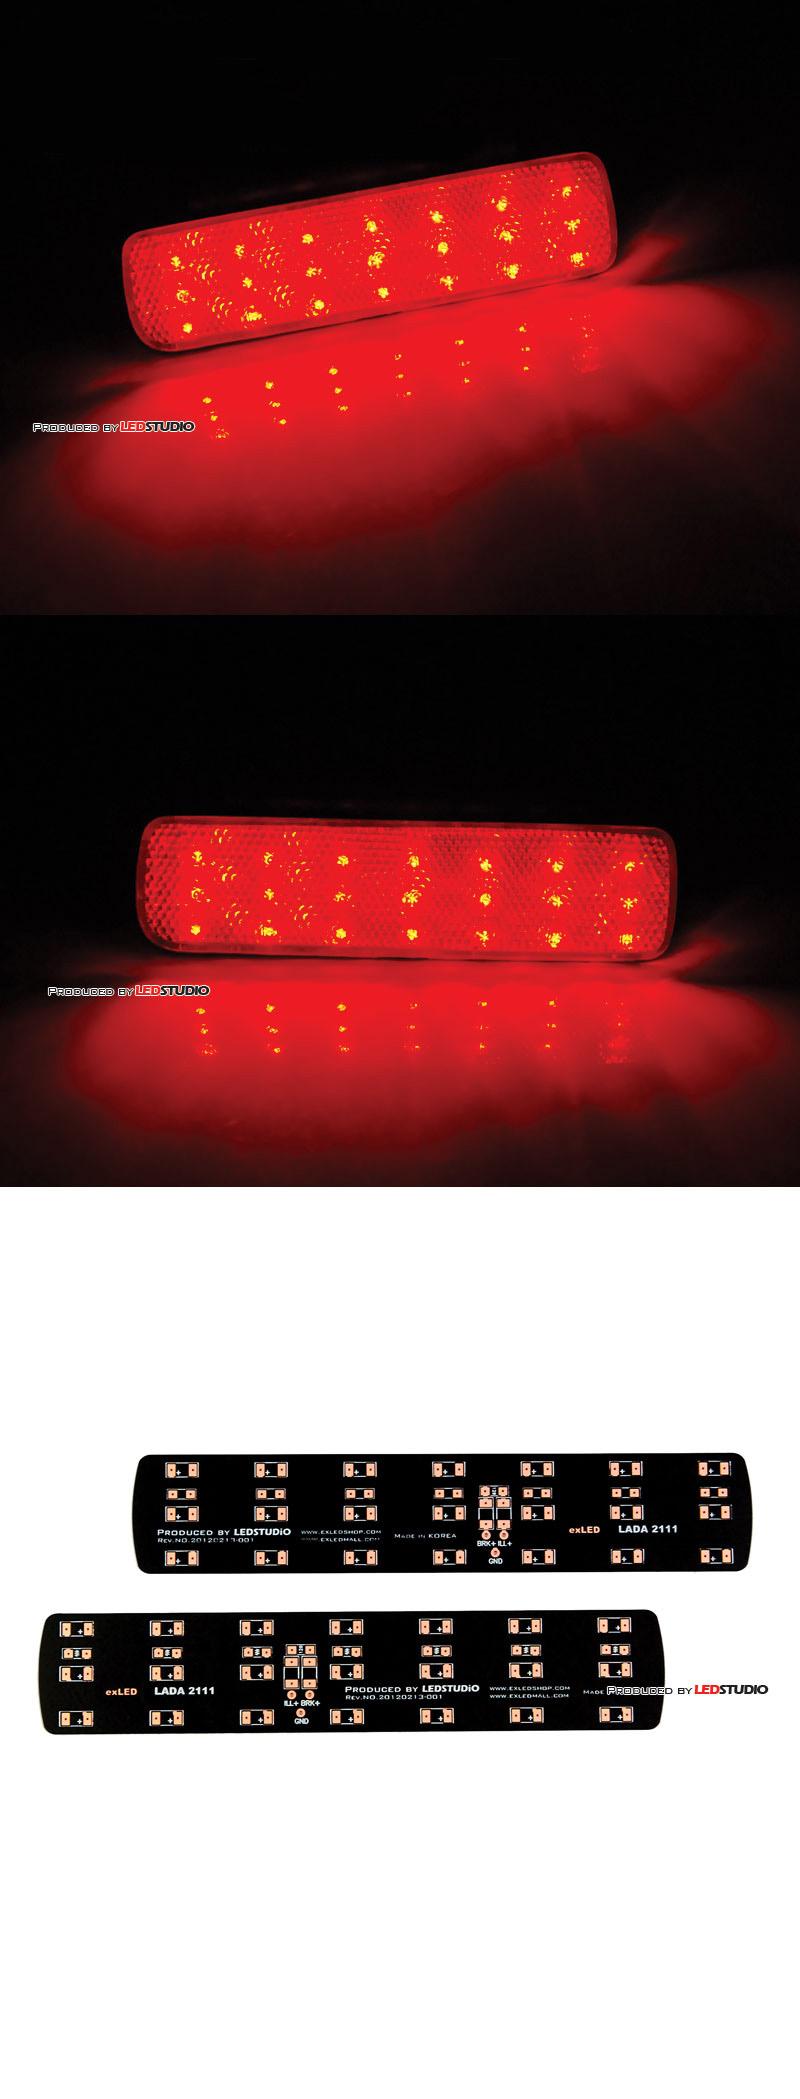 Платы катафотов (рефлекторов) заднего бампера LADA 2111 (2 шт)